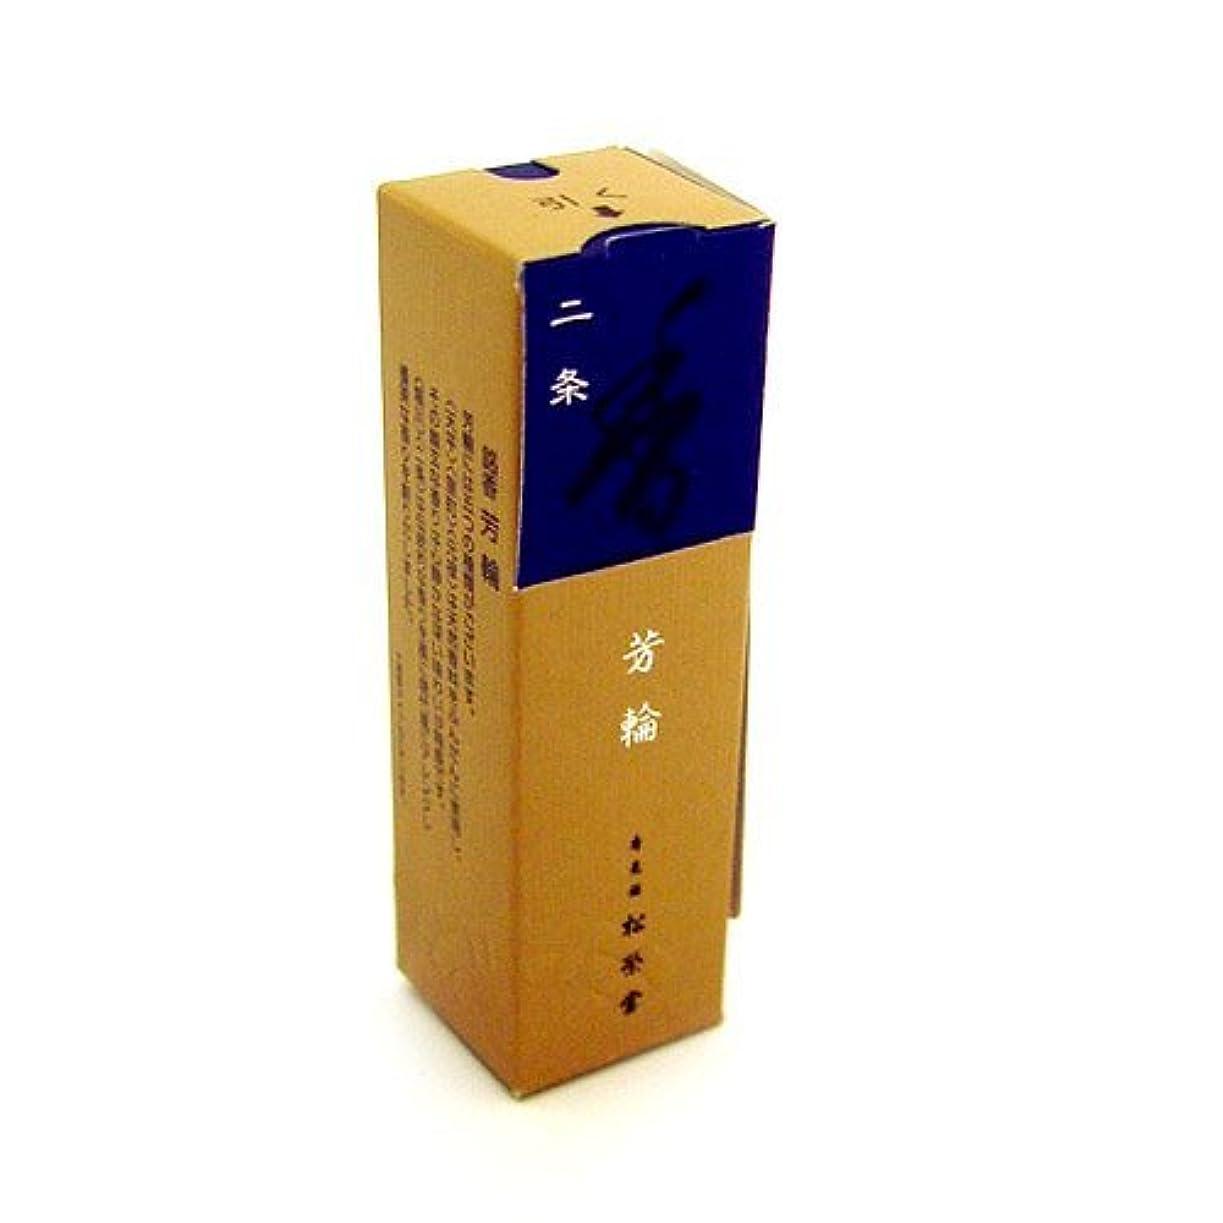 打たれたトラック大宇宙ライターShoyeido – Horin Incense Sticksの別荘の街 20 Stick(s) 75120